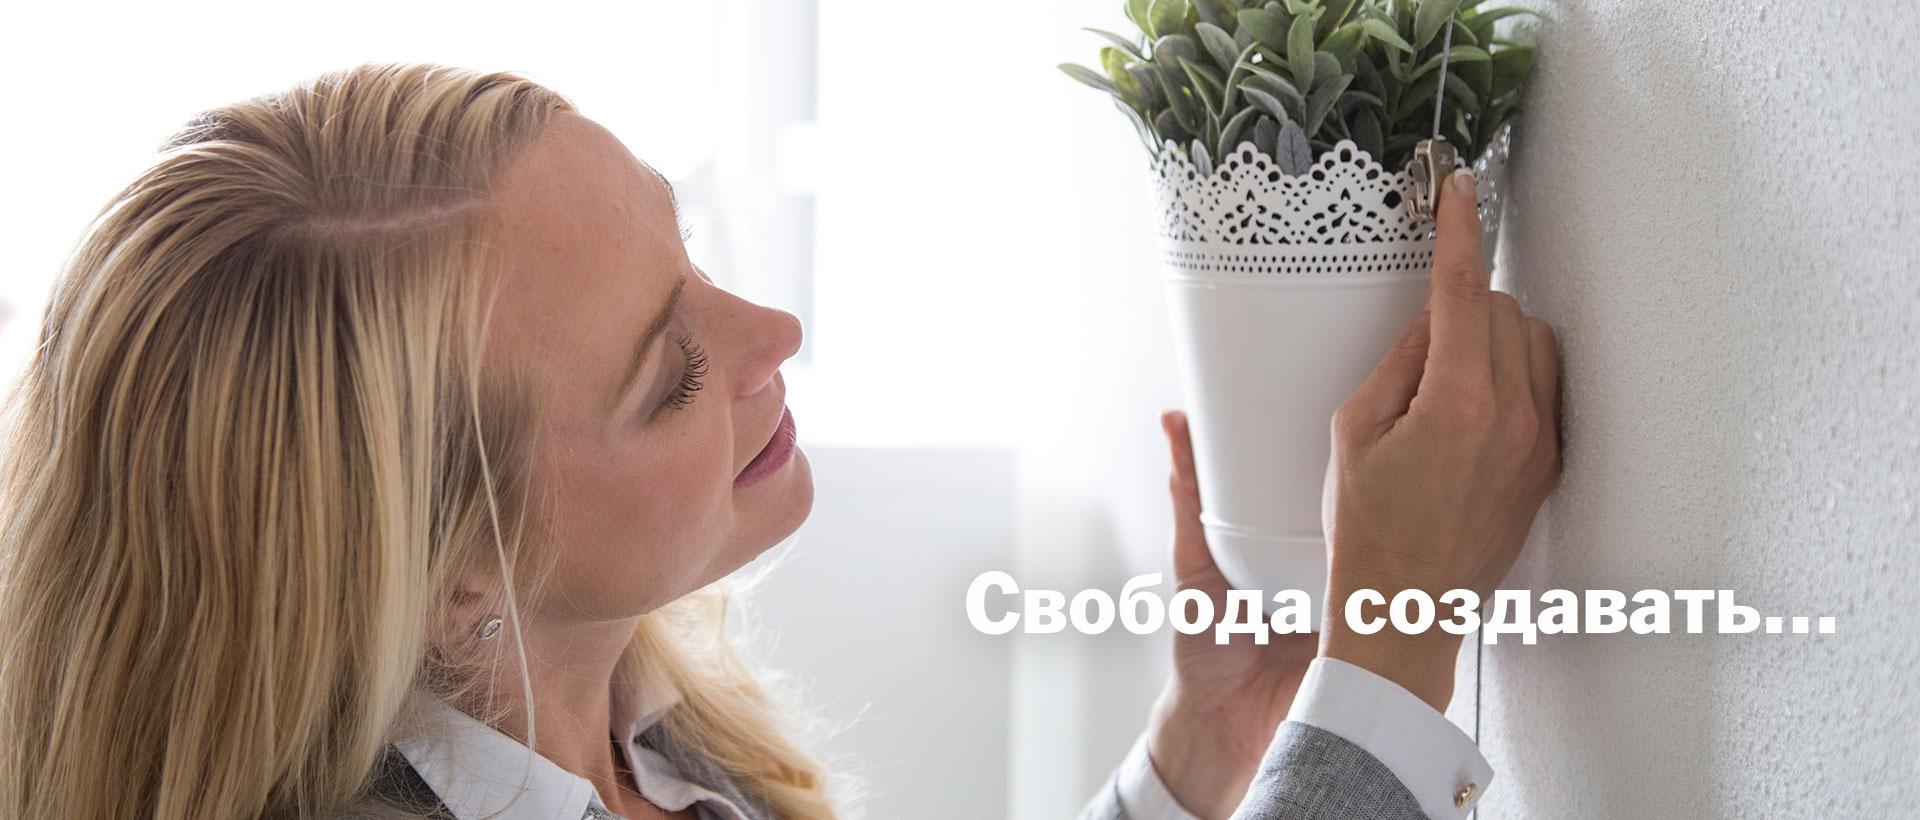 Повесьте растение